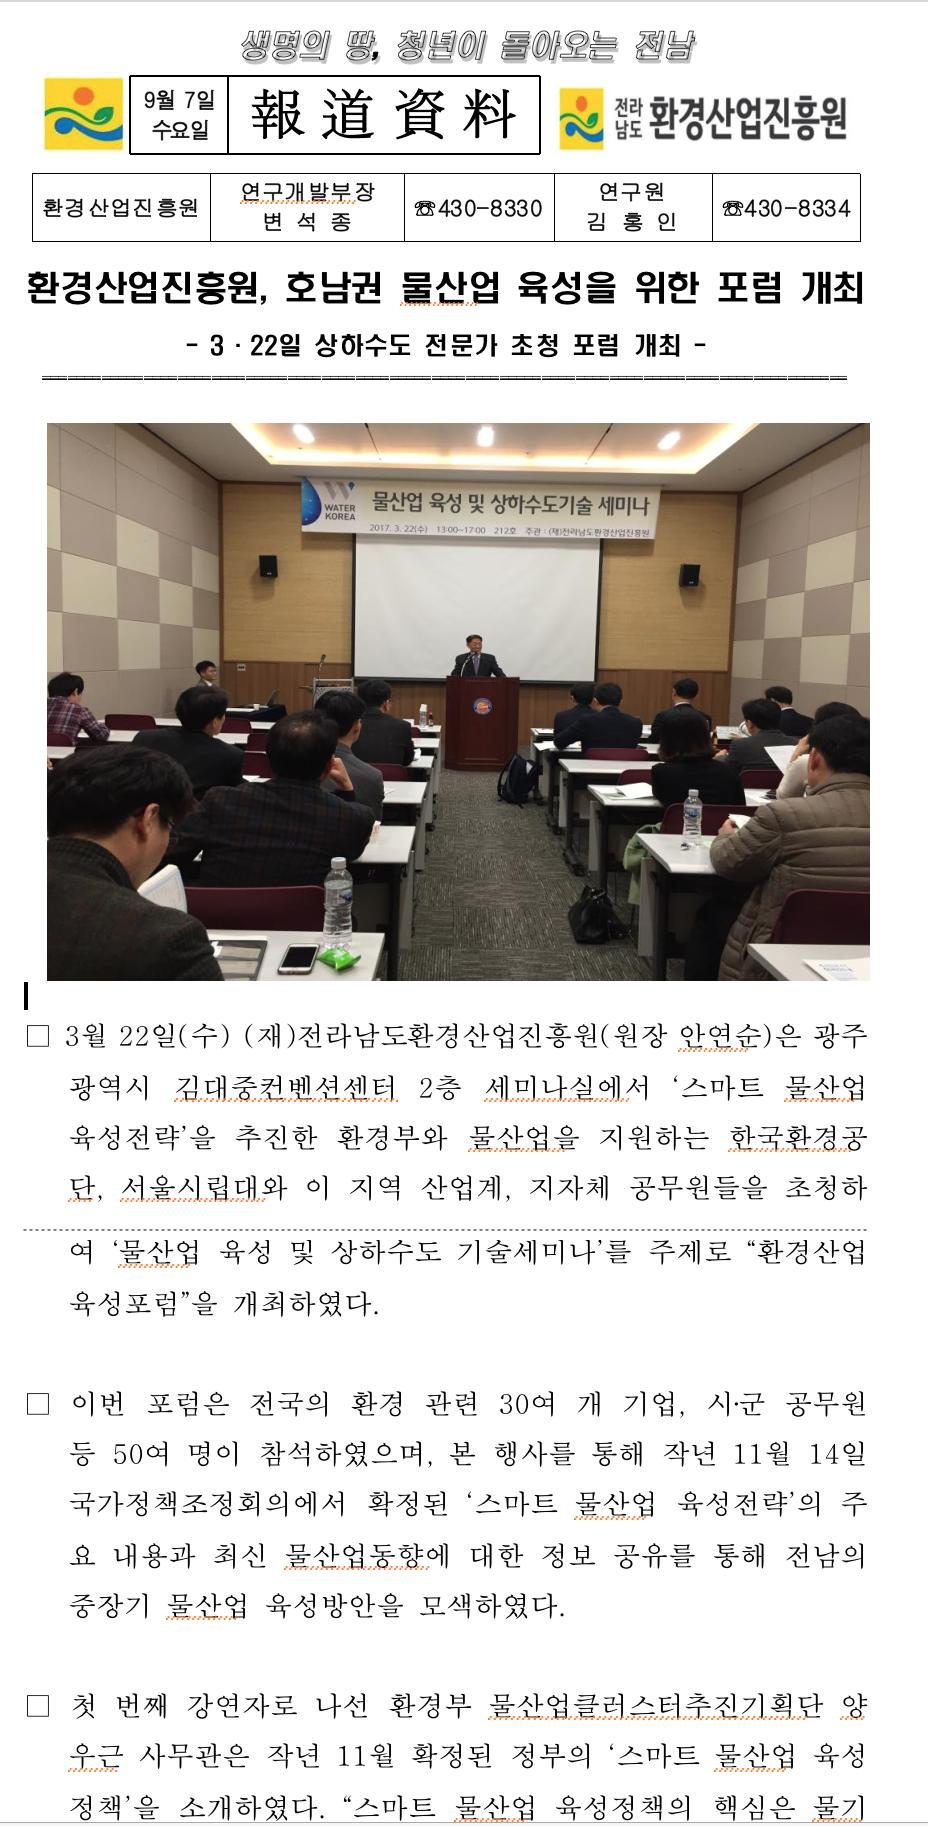 환경산업진흥원호남권물산업육성을위한포럼개최